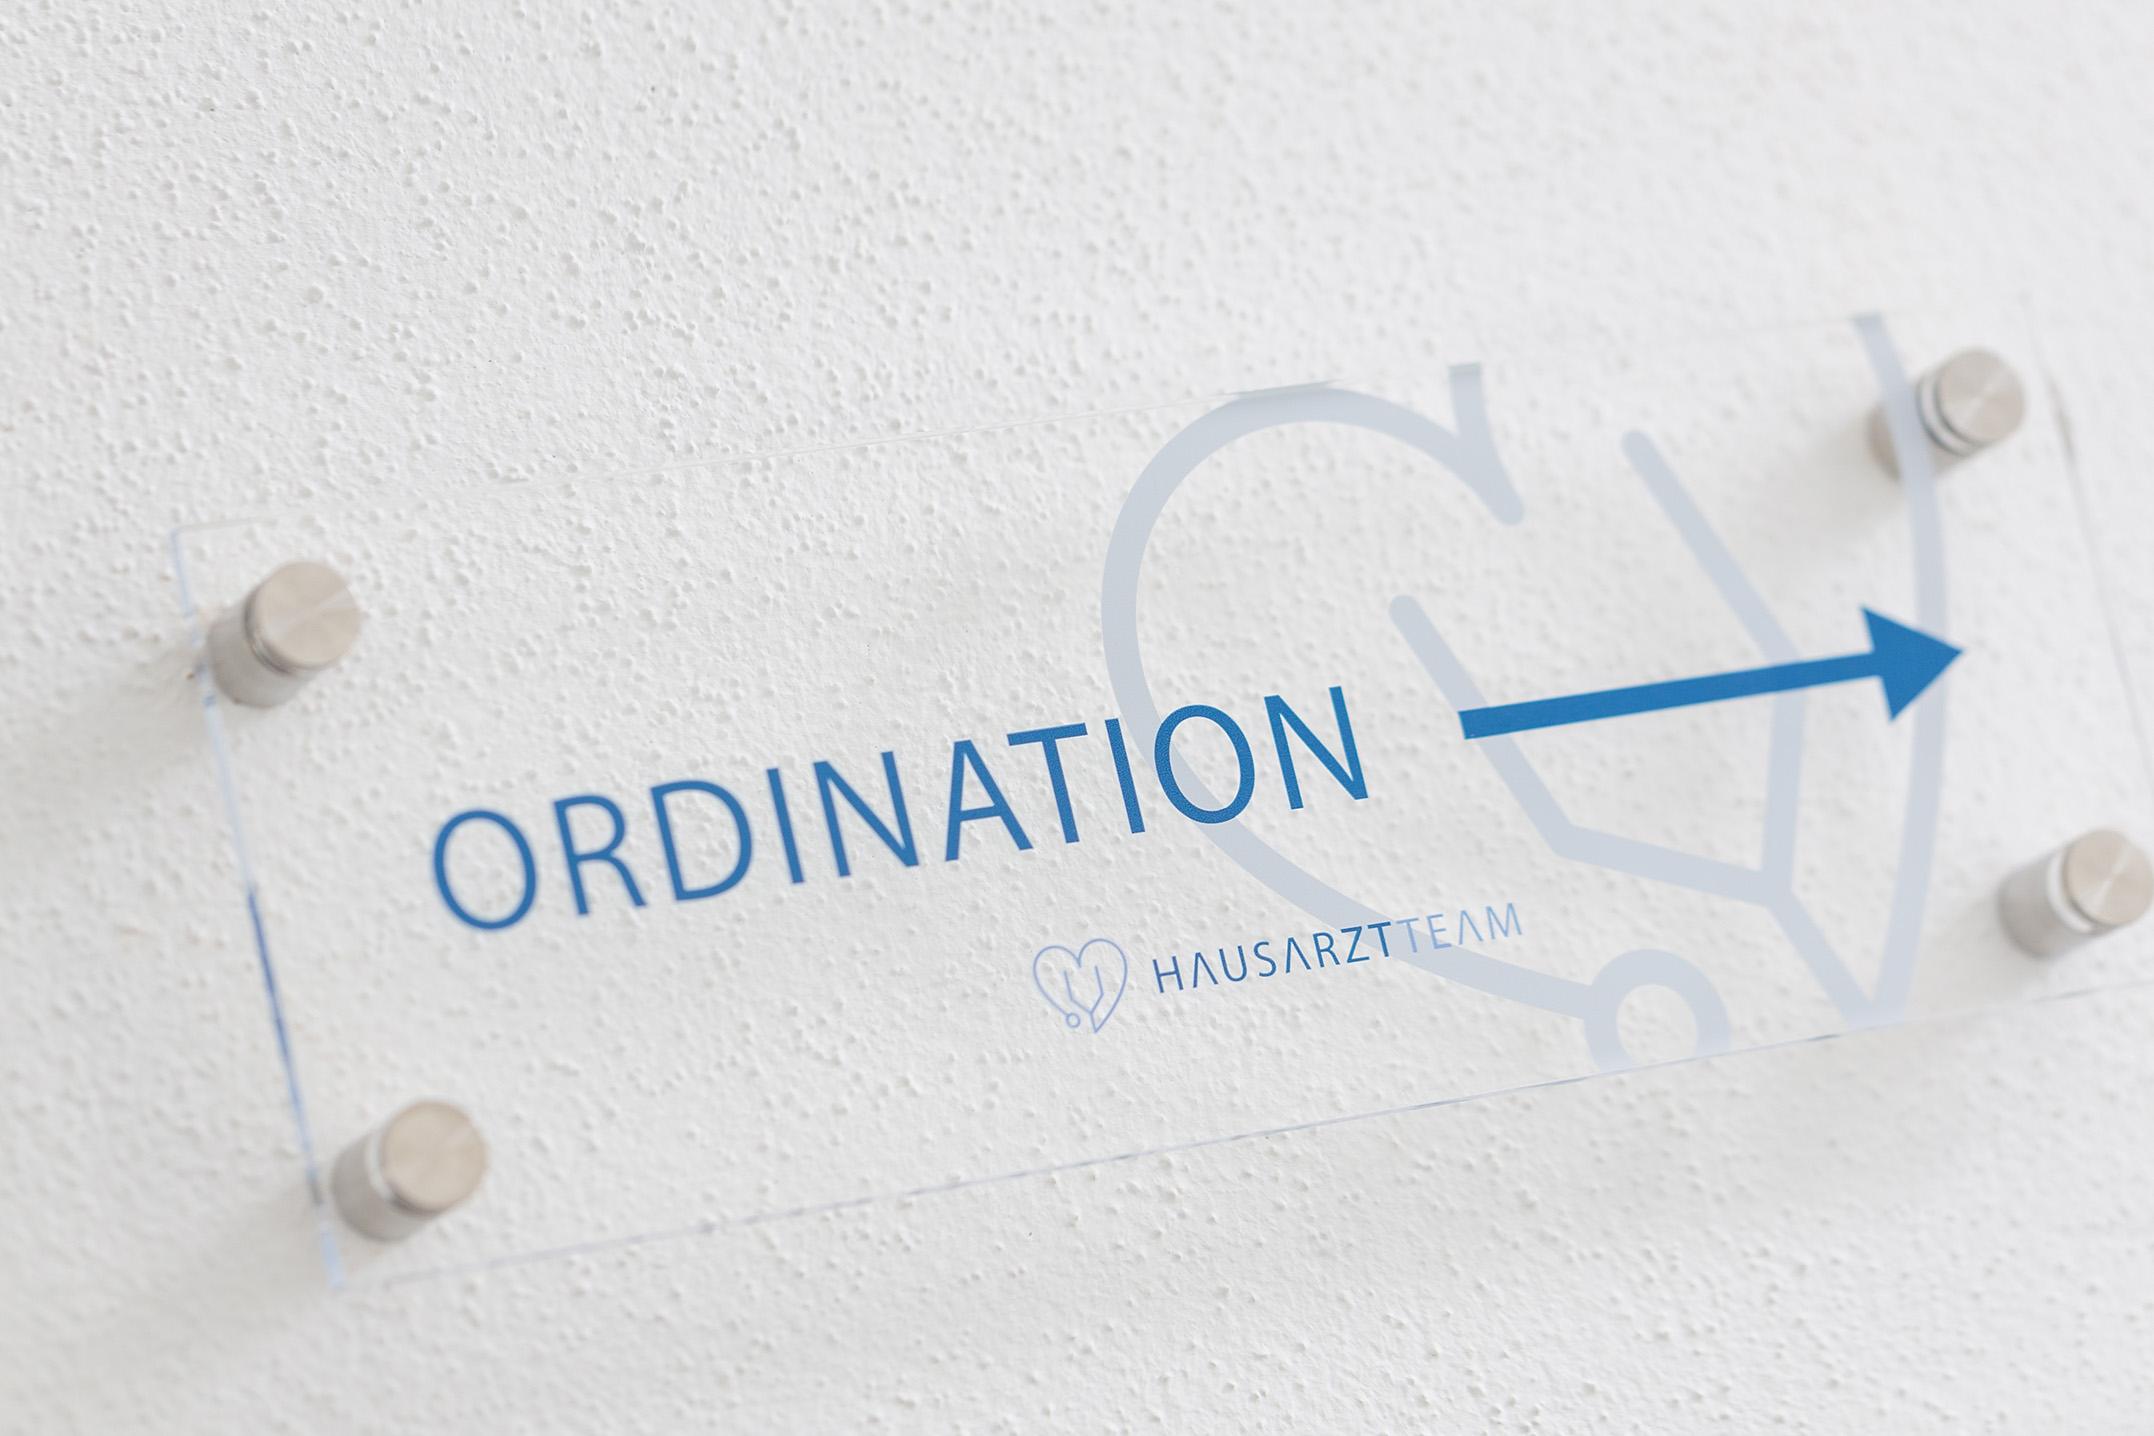 hausarzt_ordination_tulln